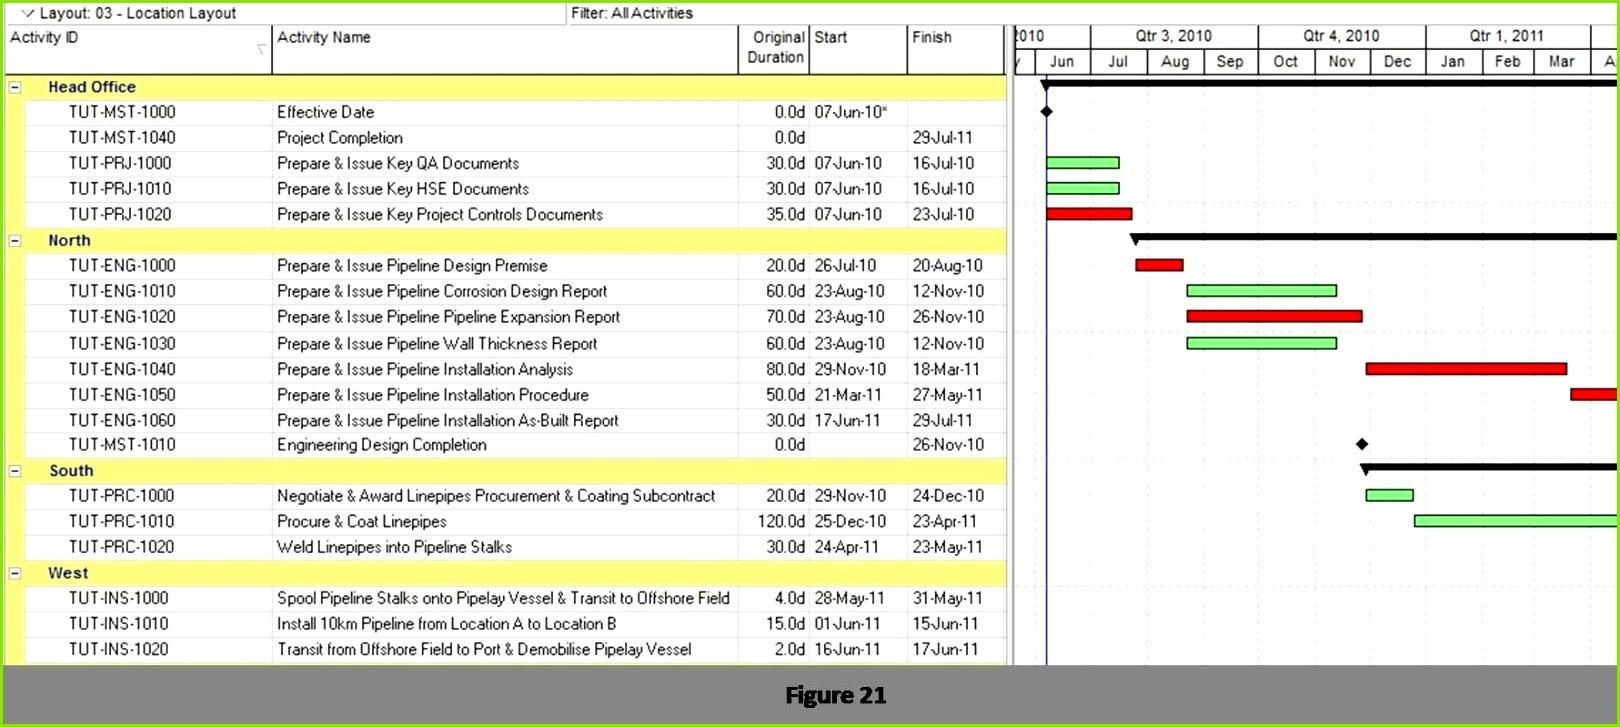 Risikoanalyse Vorlage Editierbar Nebenkostenabrechnung Erstellen Muster Aufnahme – Fragebogen